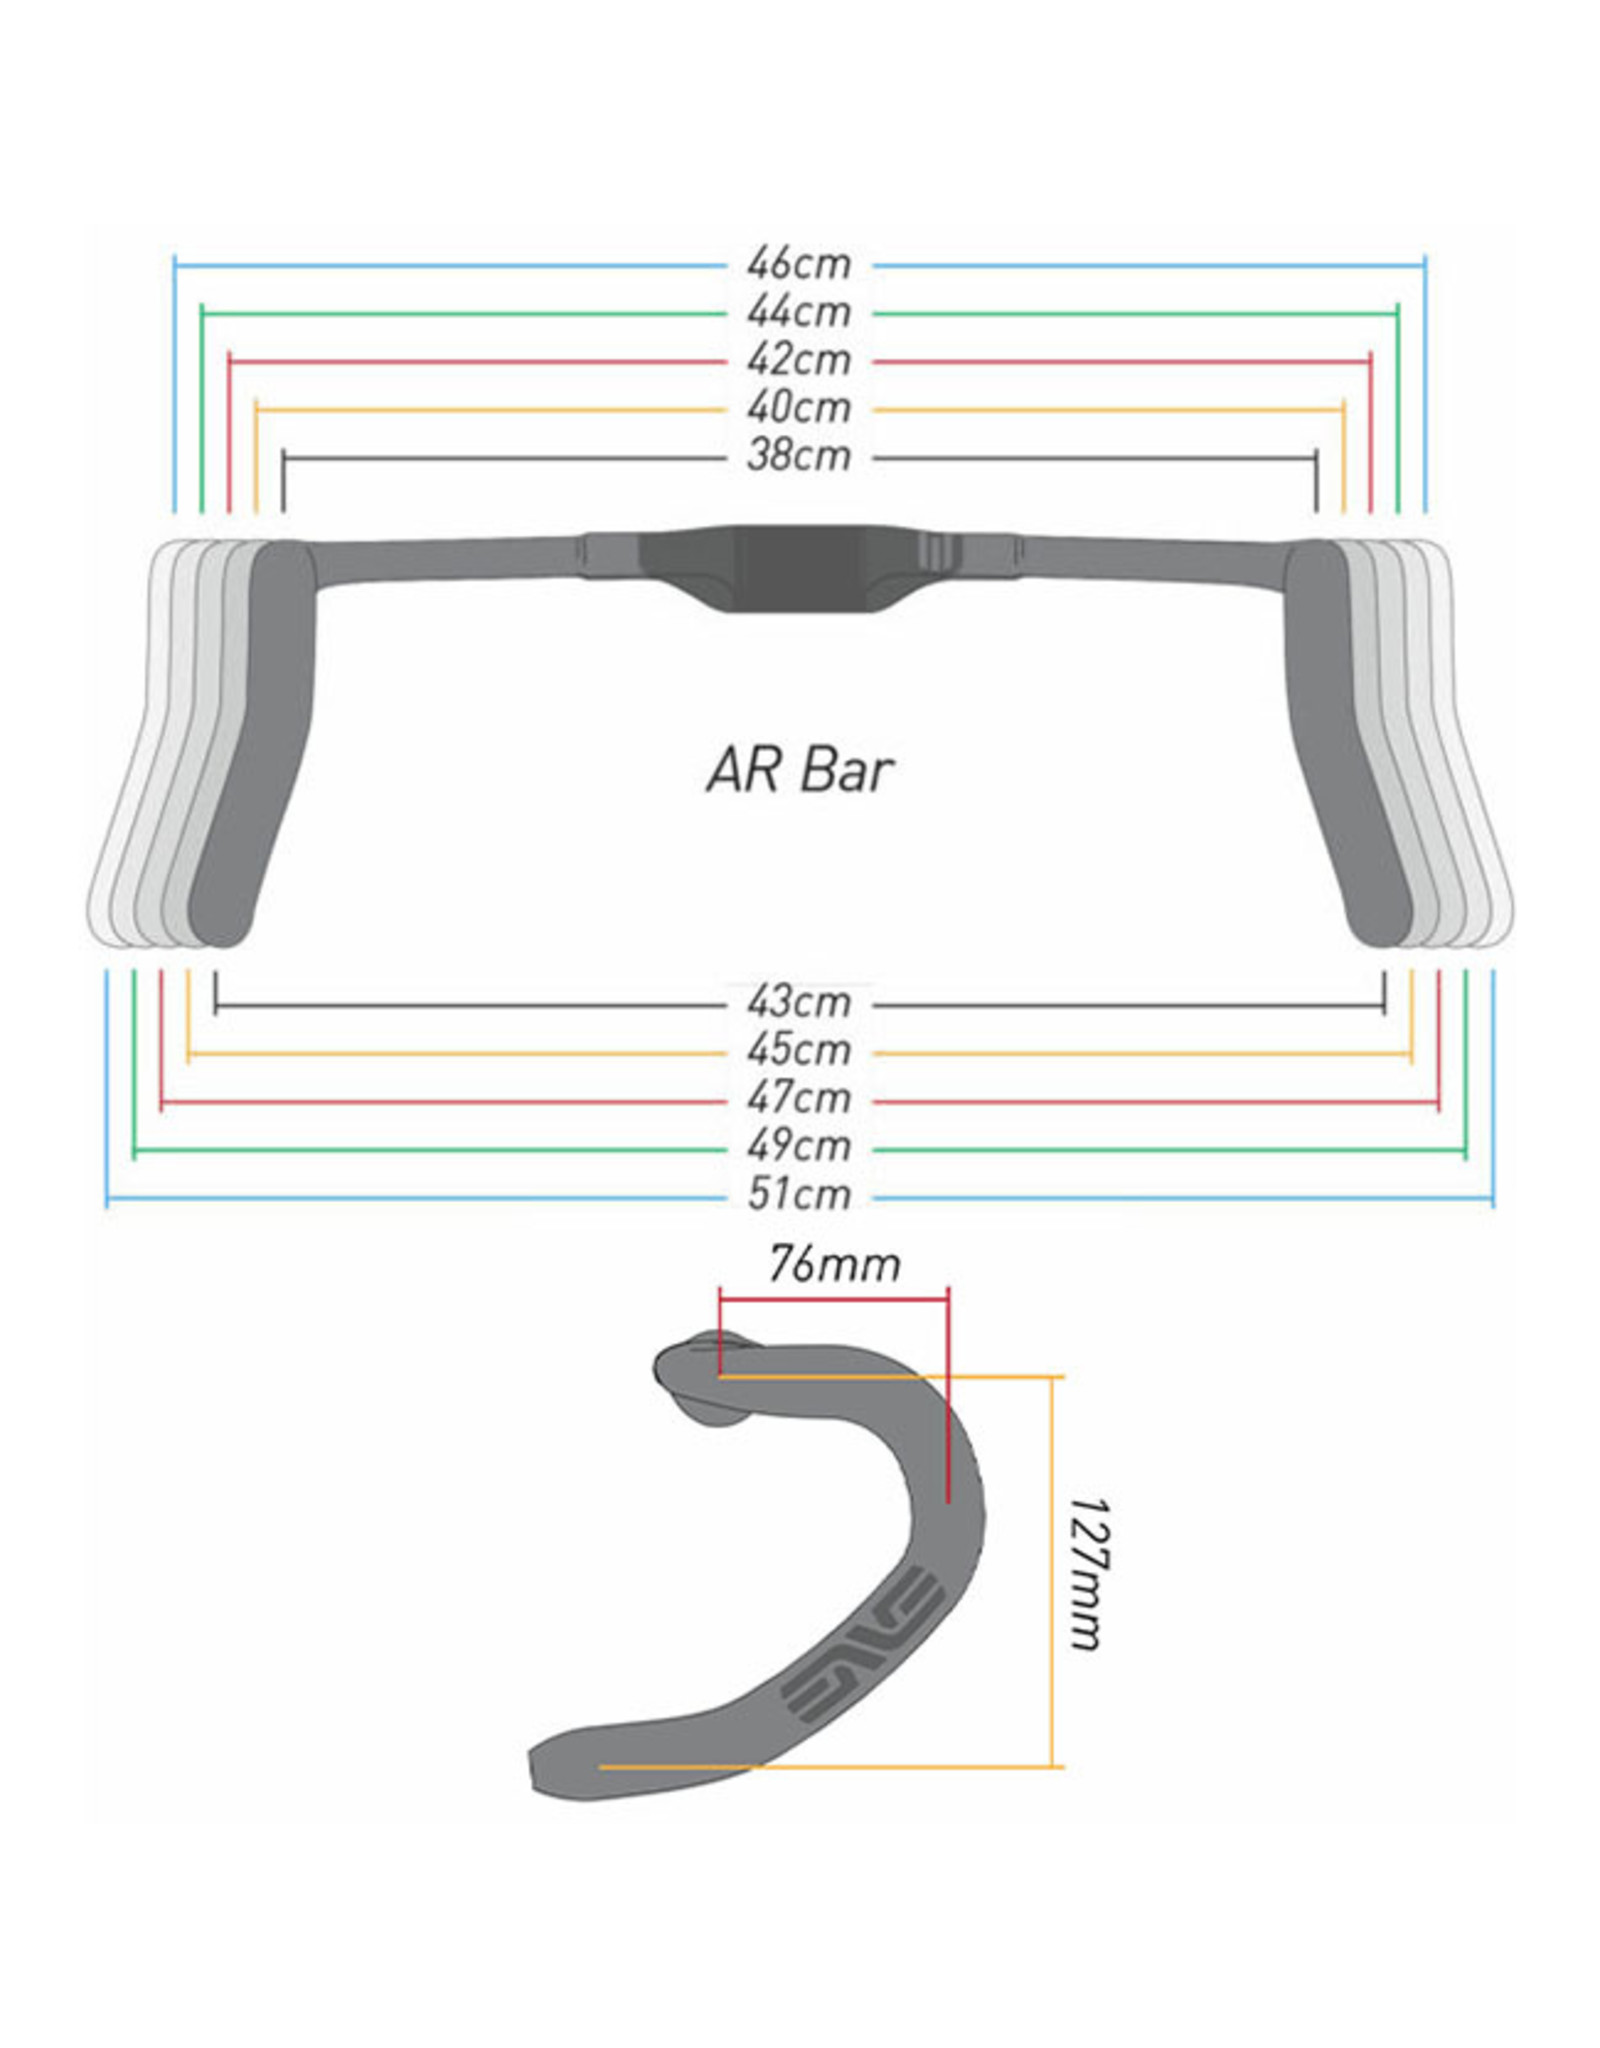 ENVE Composites ENVE SES AR Carbon Handlebar